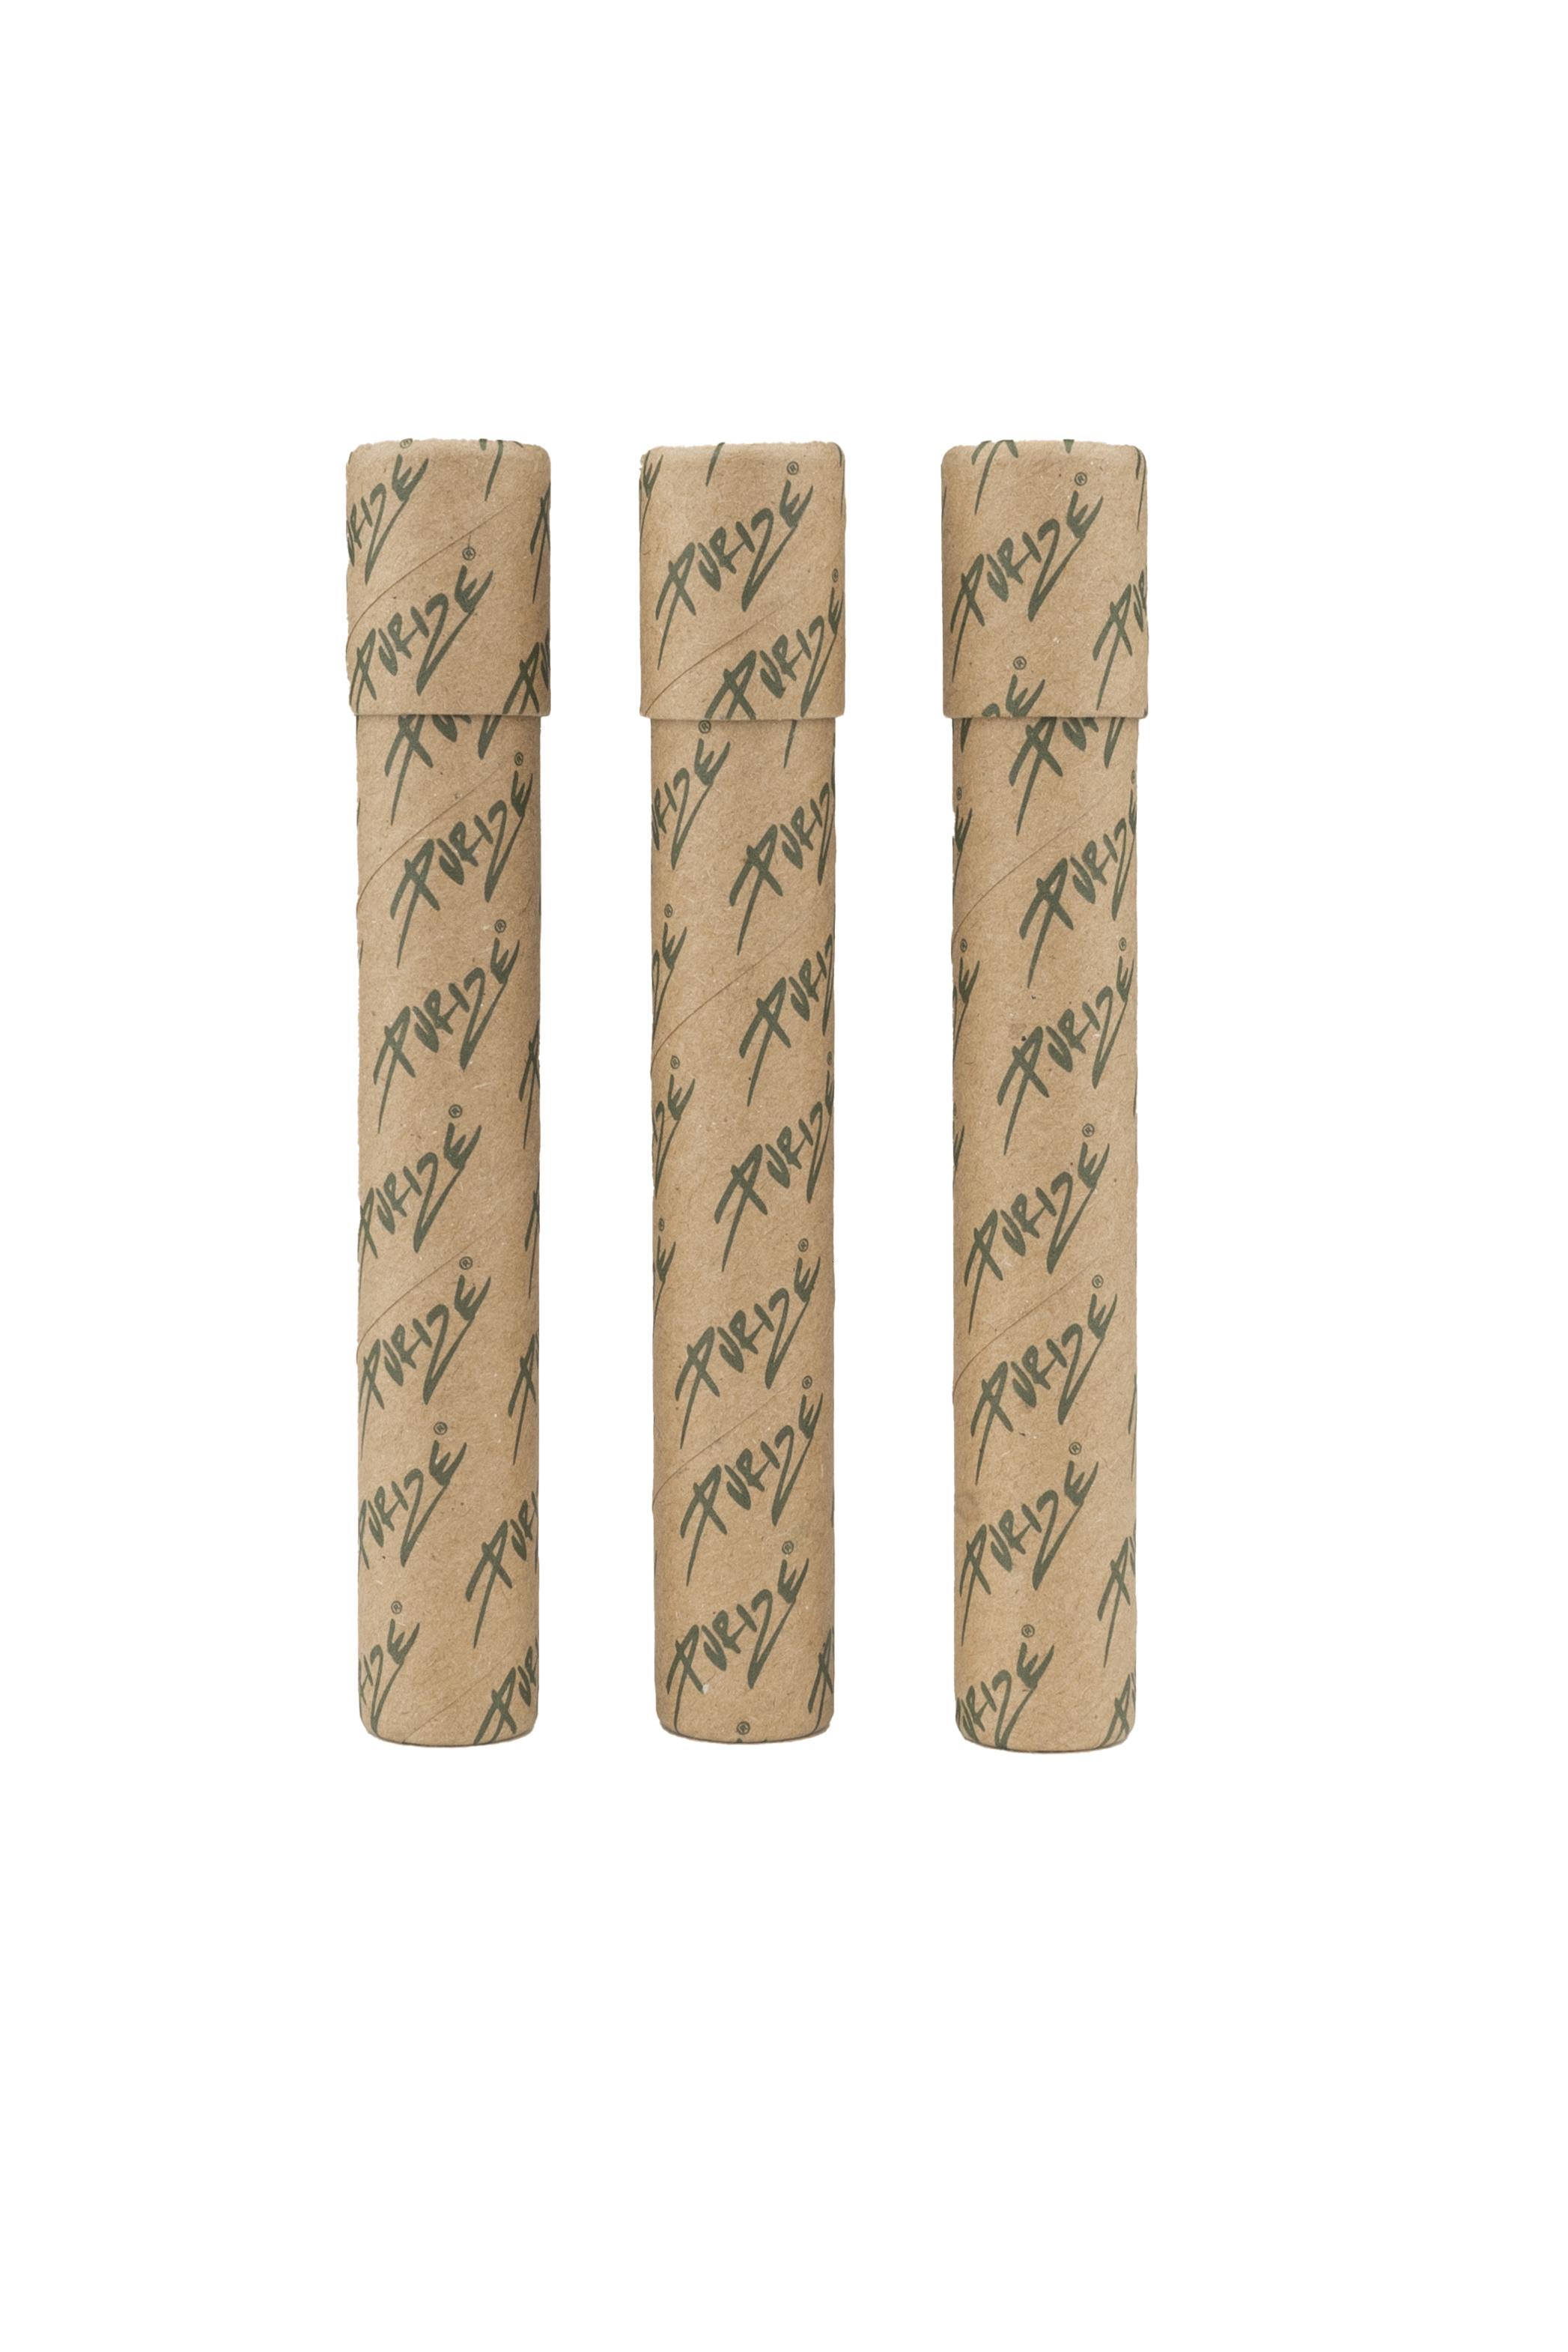 3 x PURIZE® Paper Pop Up Jibbit